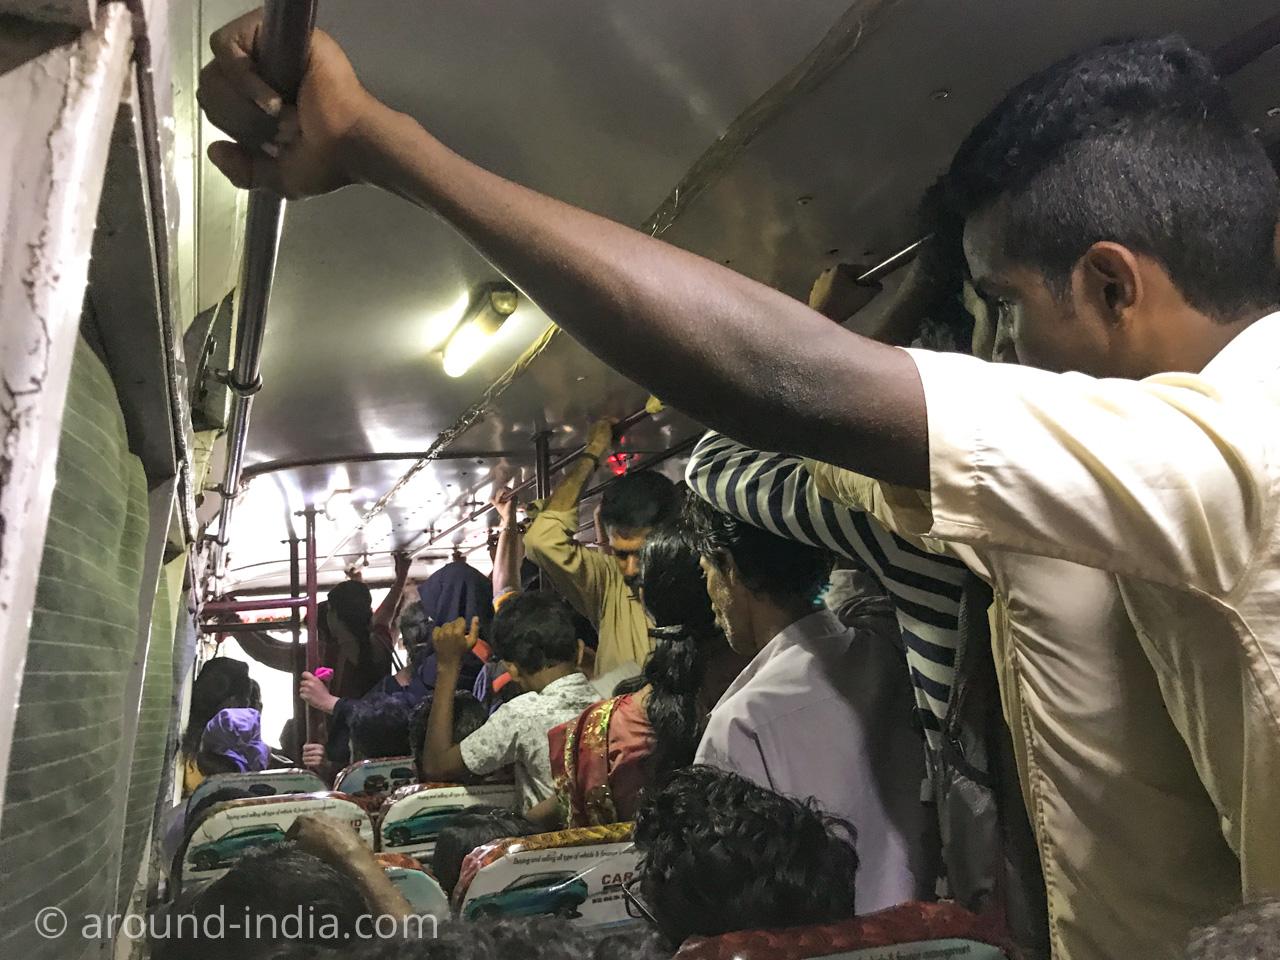 ラッシュ時のインドローカルバスは、ぎゅうぎゅう